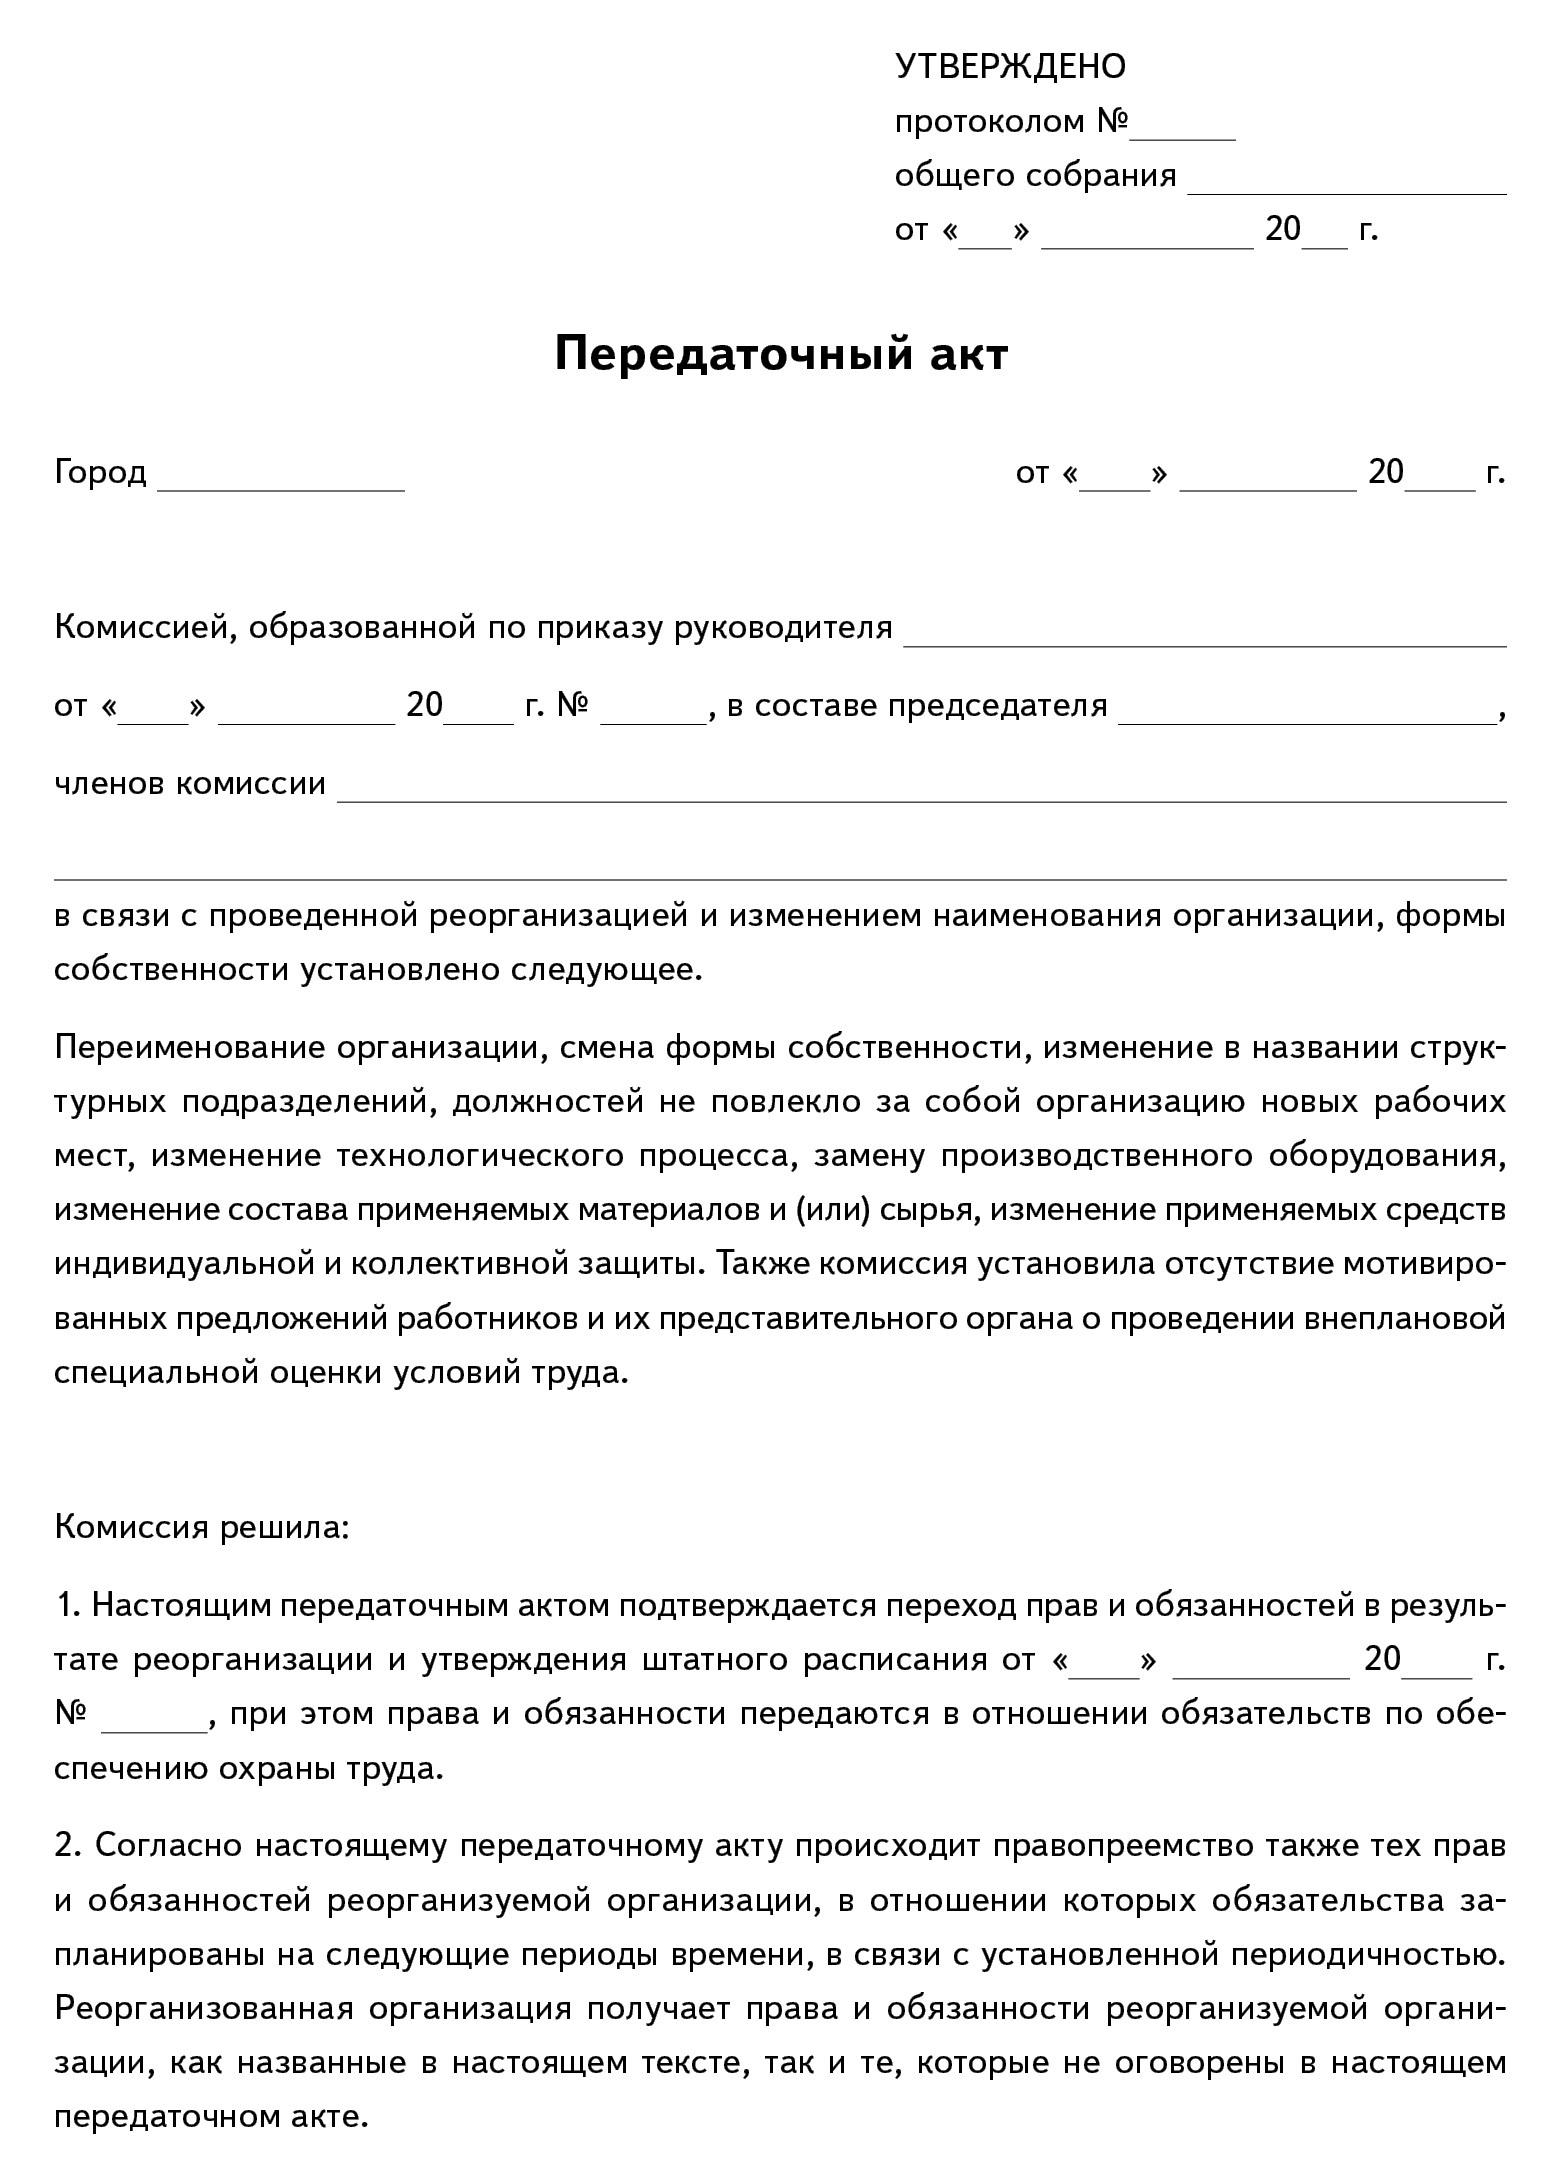 pereobuchat-li-po-ohrane-truda-rukovoditelej-esli-kompaniya-smenila-nazvanie-2